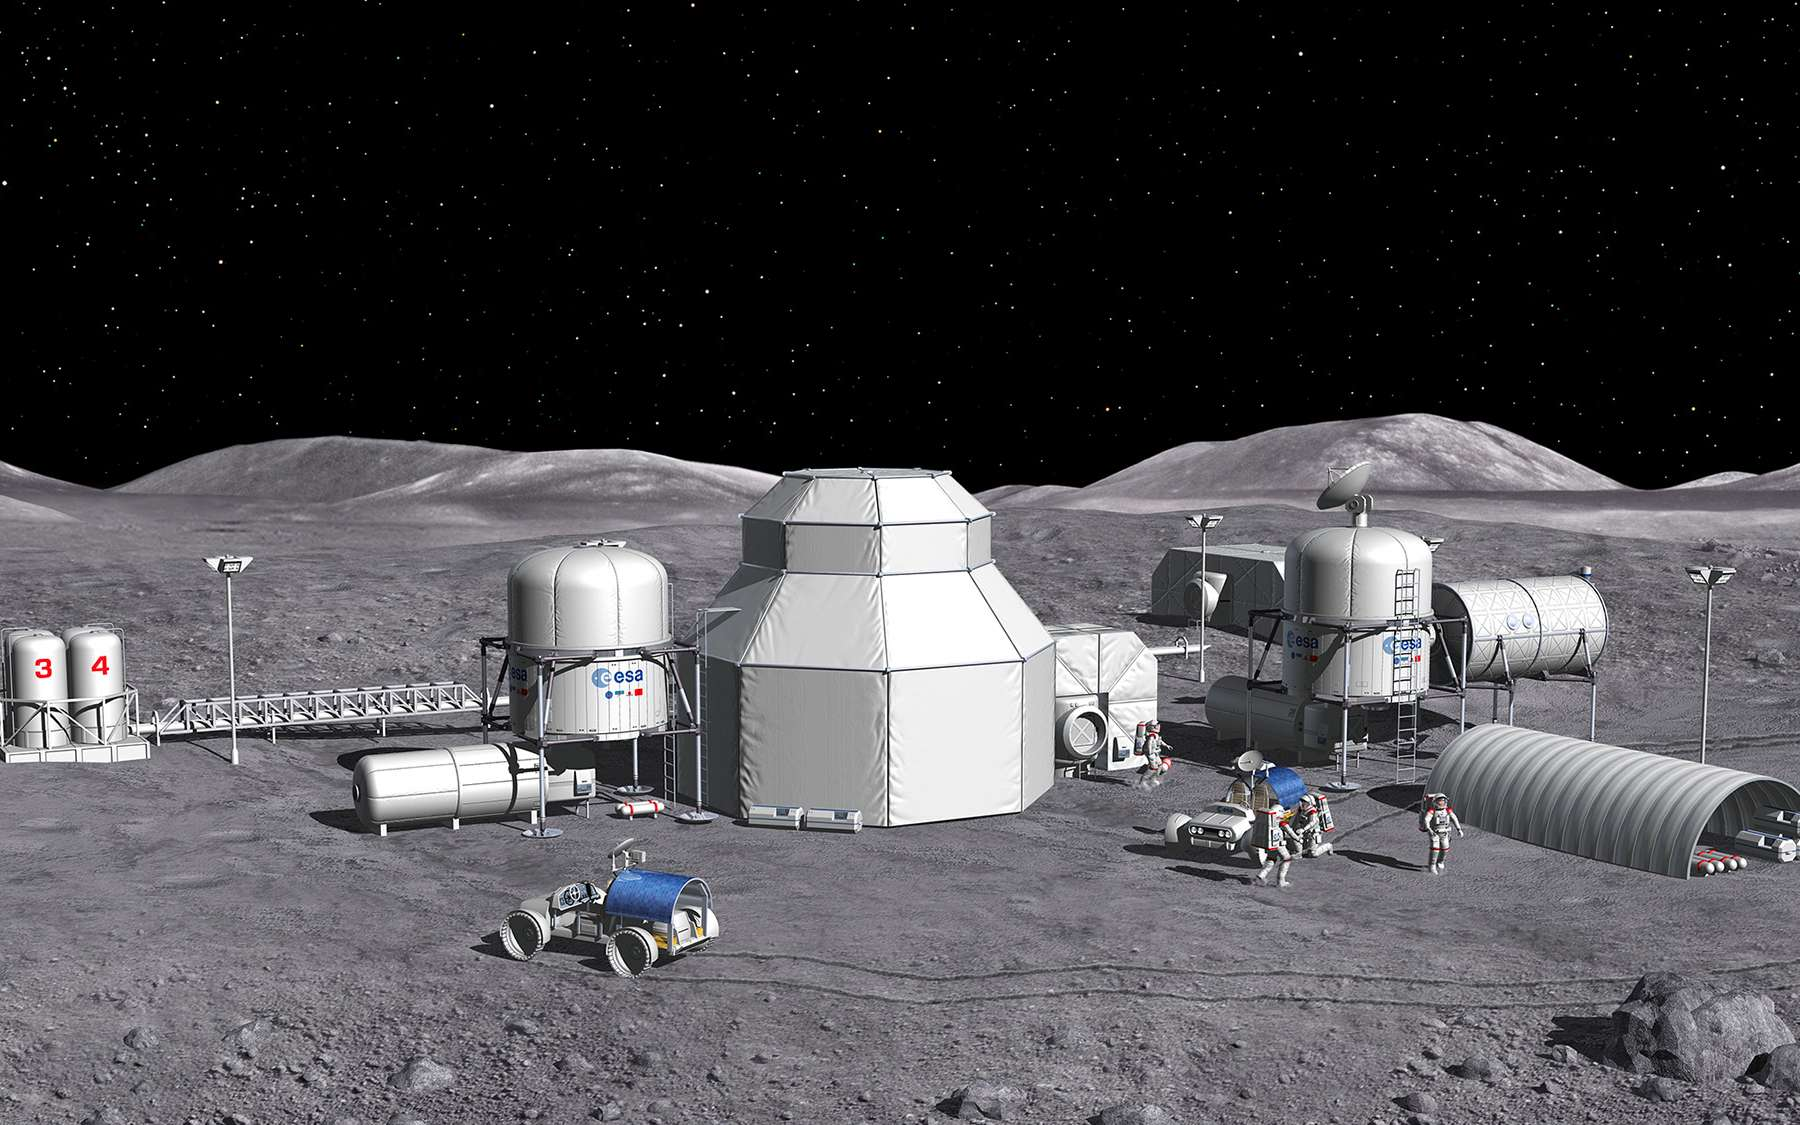 Concept de base habitée sur la Lune, étudié par l'Agence spatiale européenne. © ESA, P. Carril